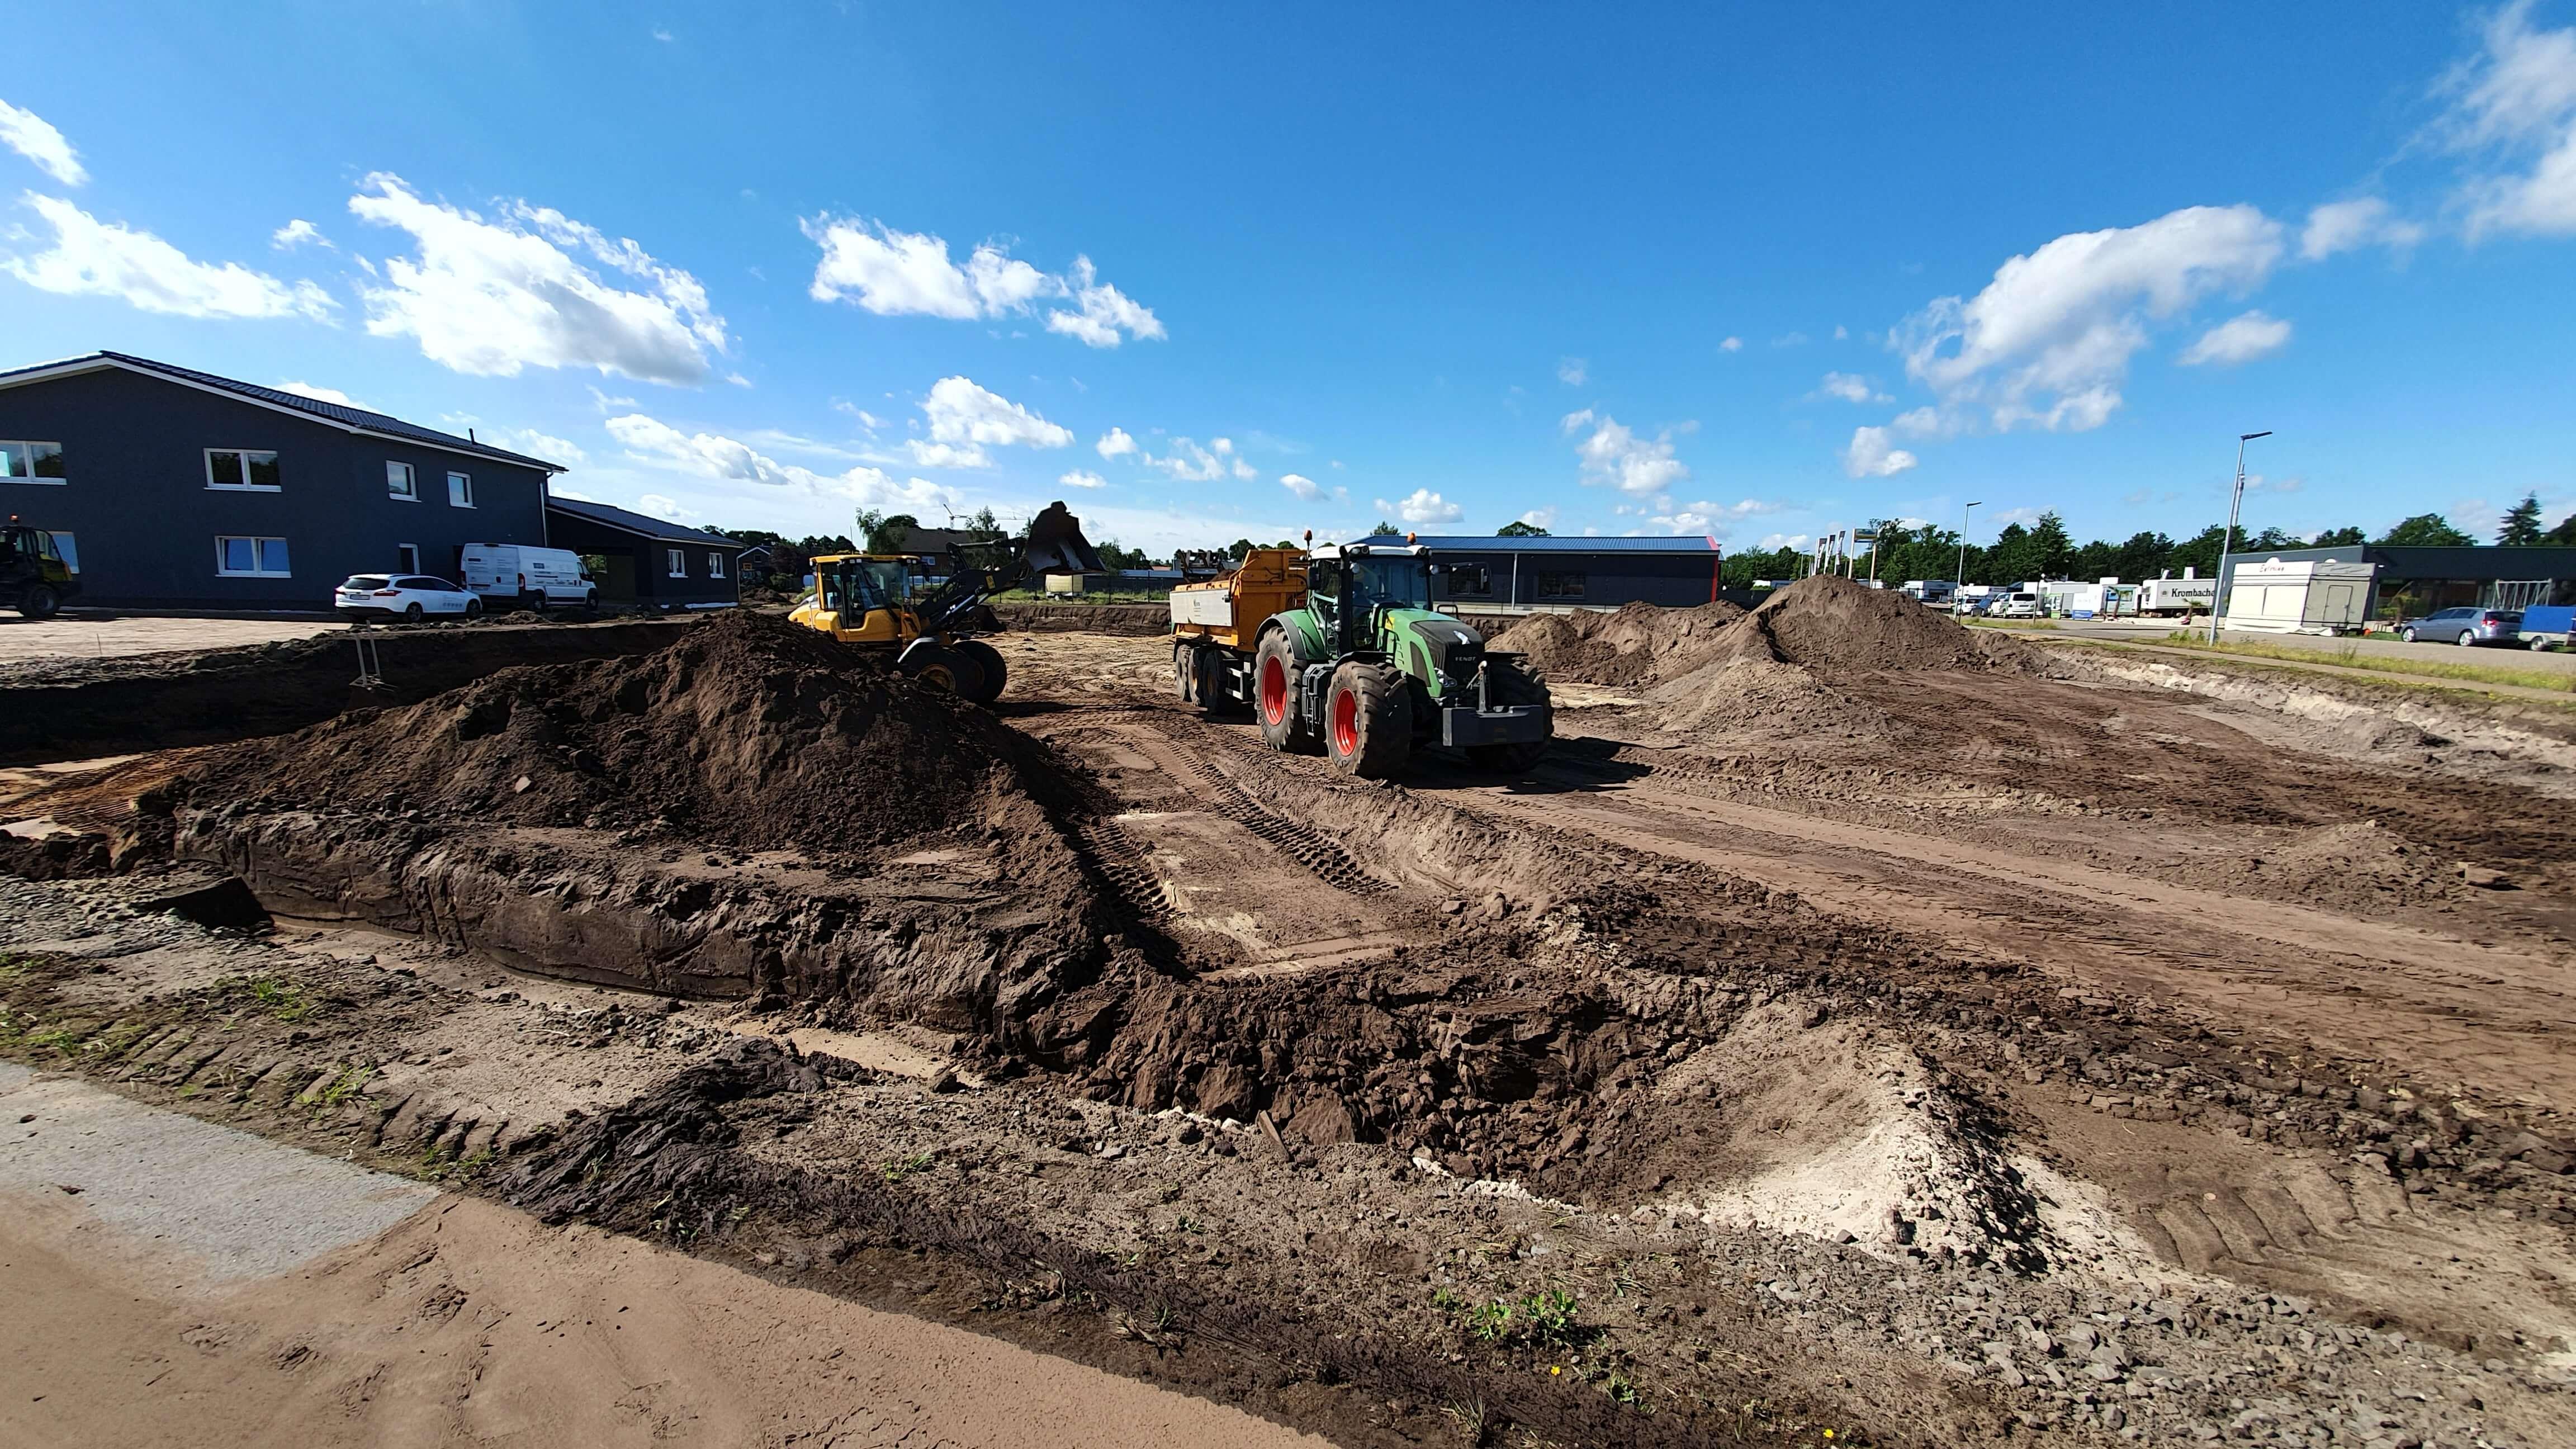 Mit dem Anrücken der Baumaschinen haben die Bauarbeiten der Firma Mundus Meppen in Nordhorn offiziell begonnen.